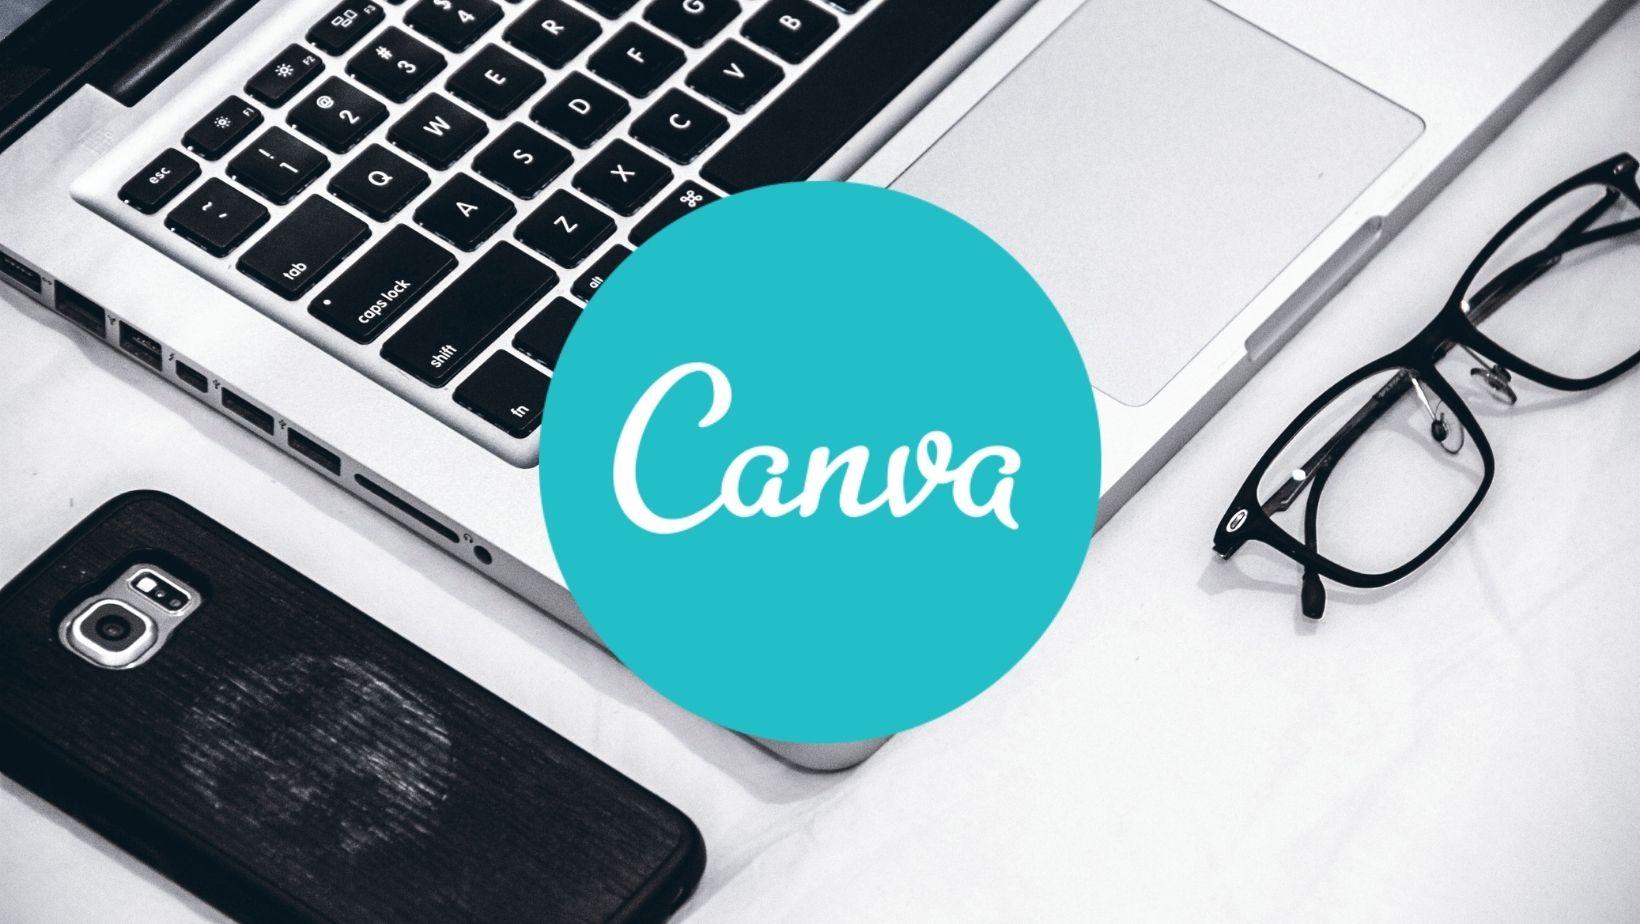 I will design social media posts in canva